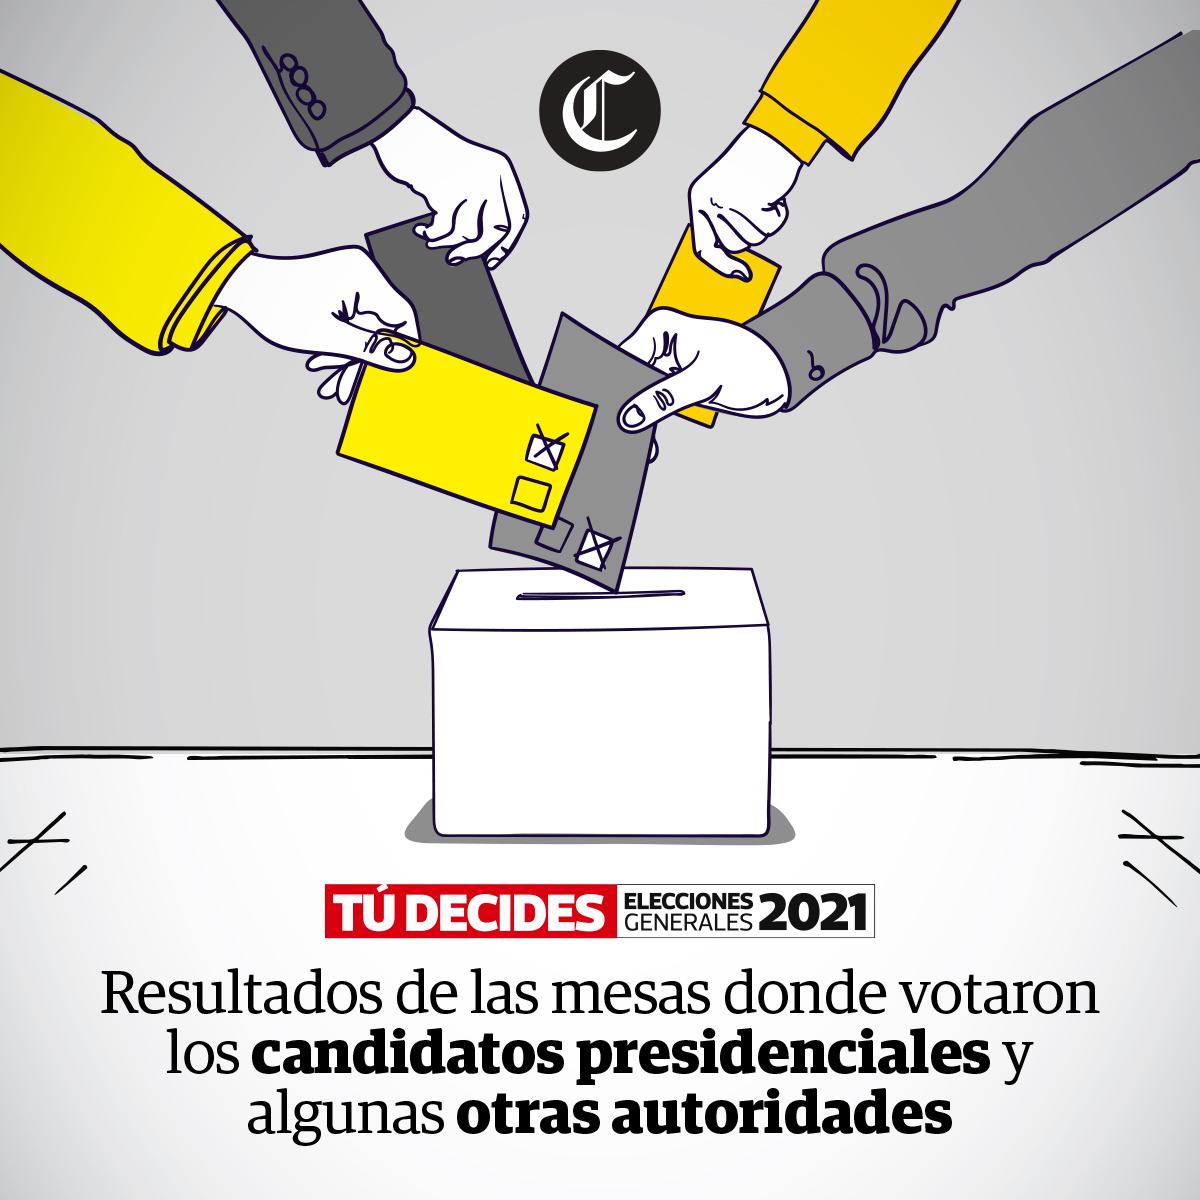 Resultados de las mesas donde votaron los candidatos